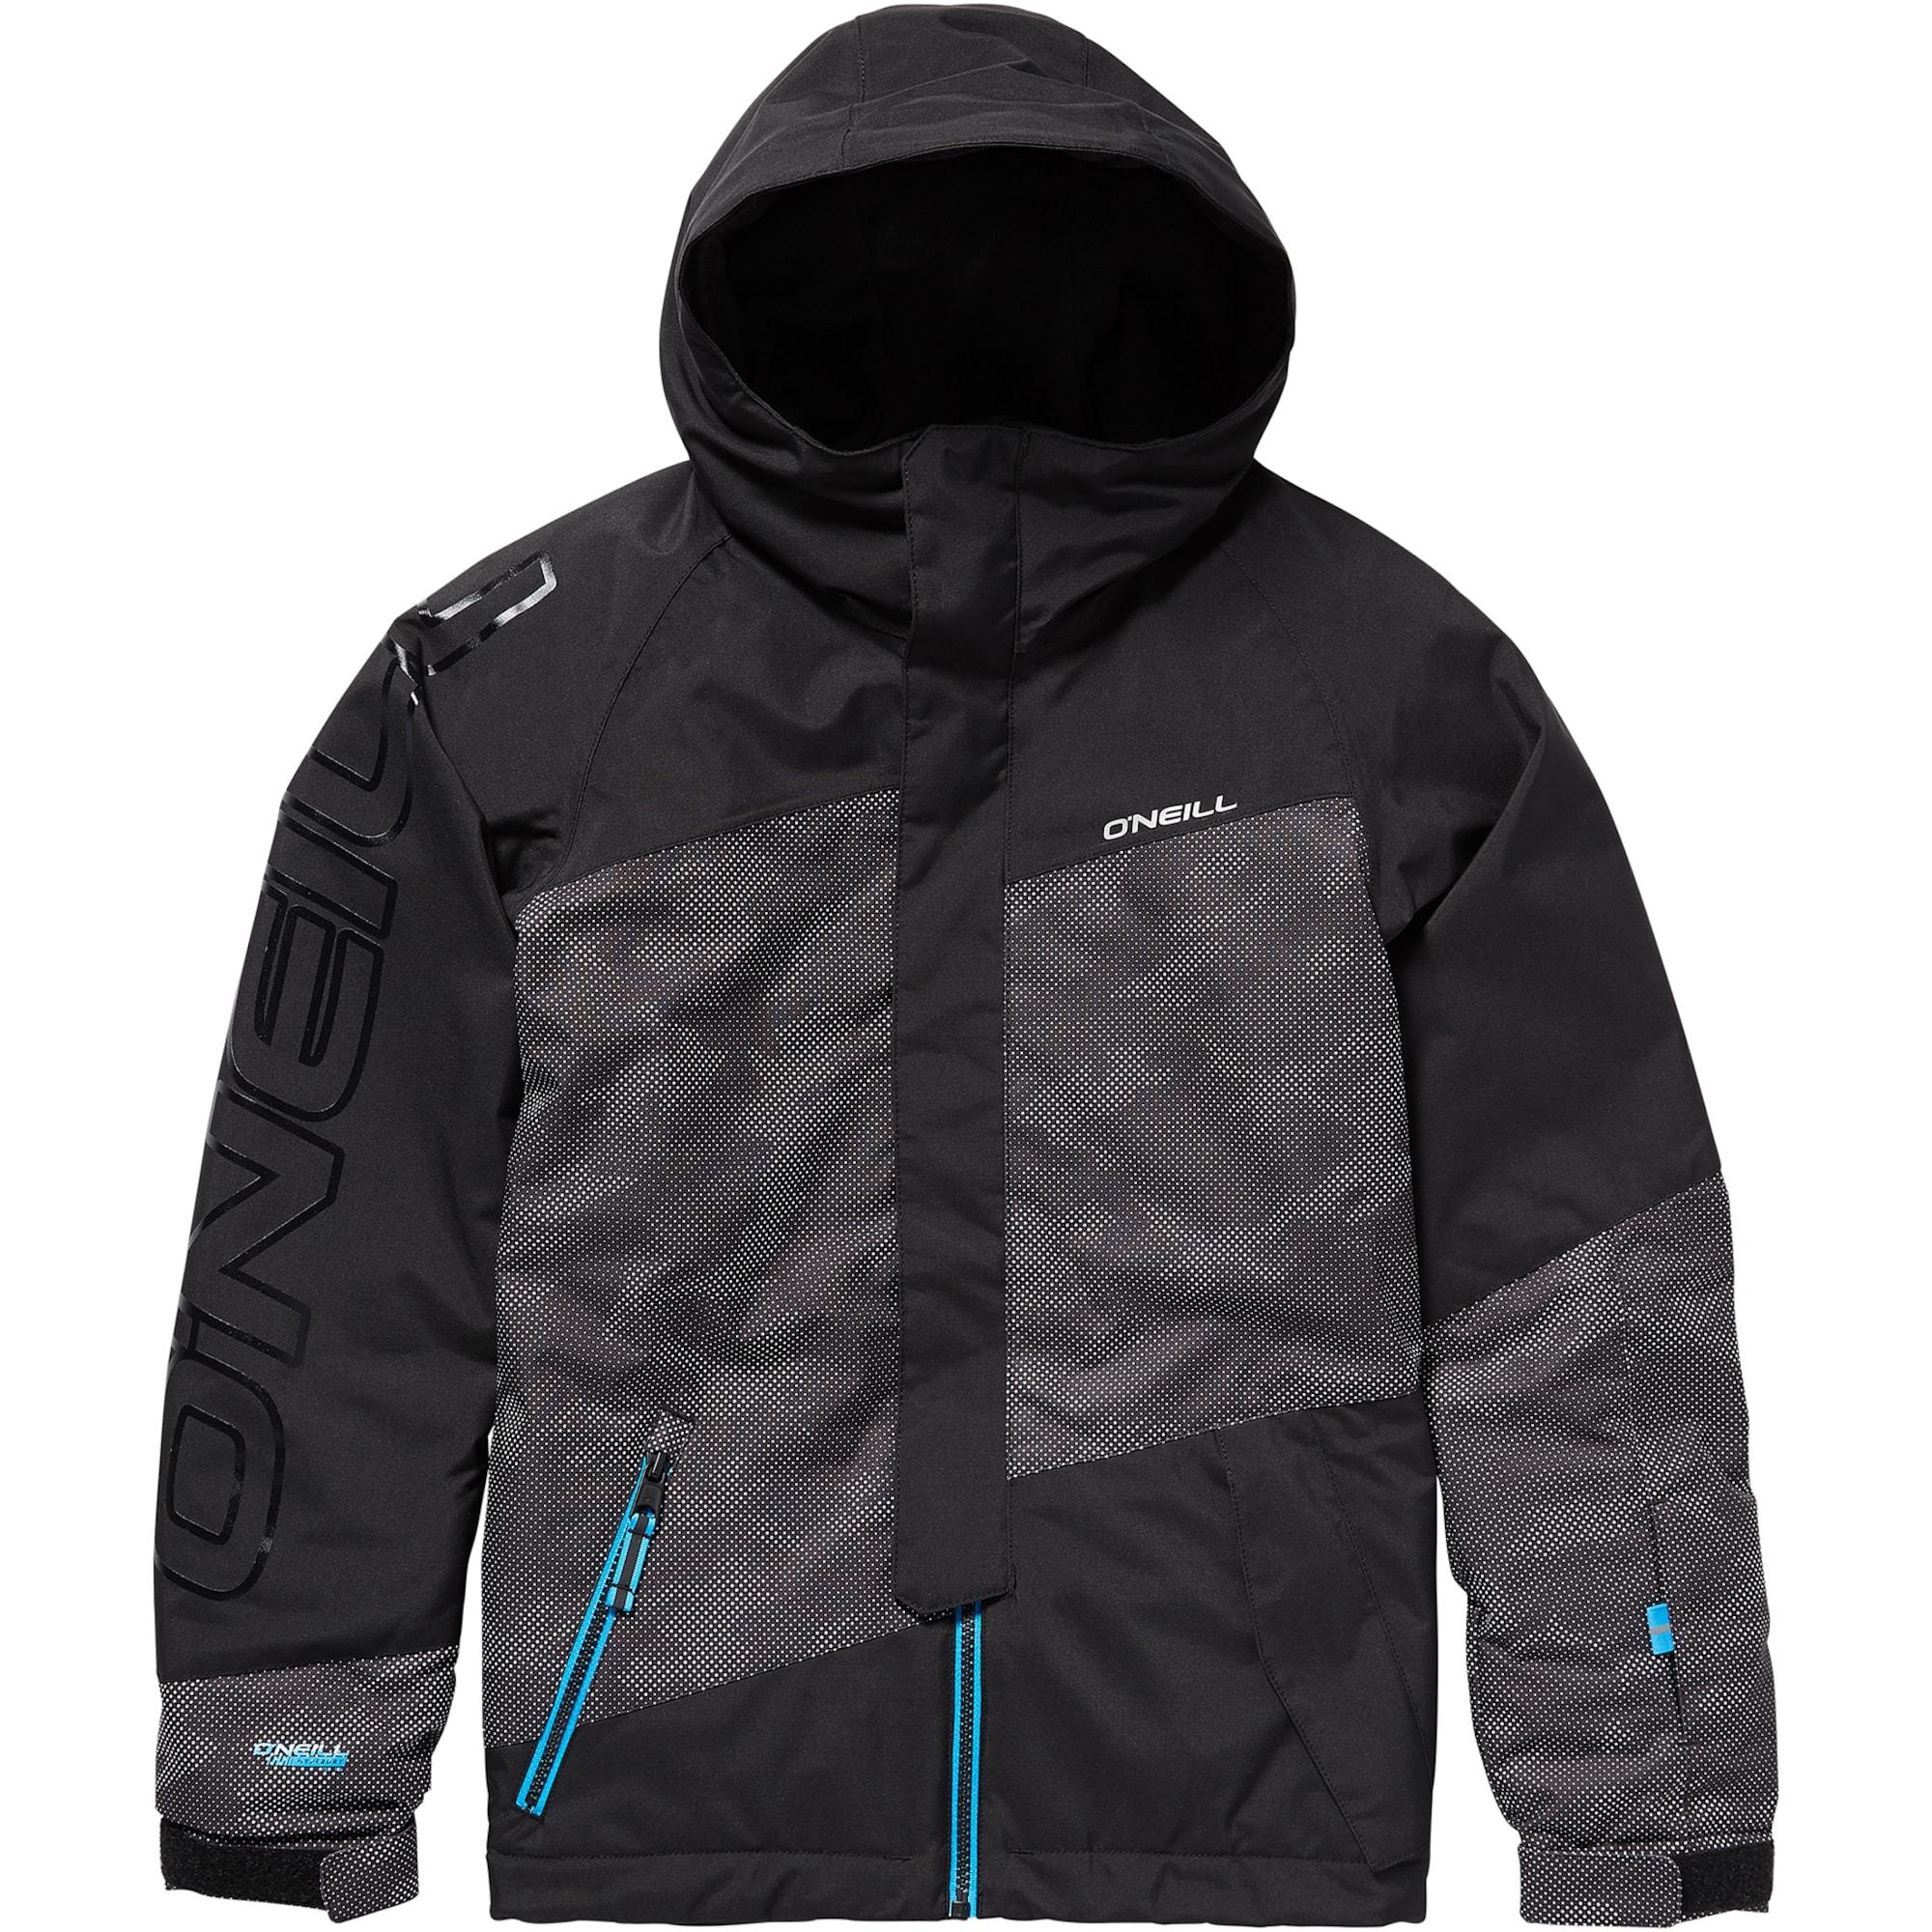 ONEILL Outdoorová bunda šedá černá O'NEILL